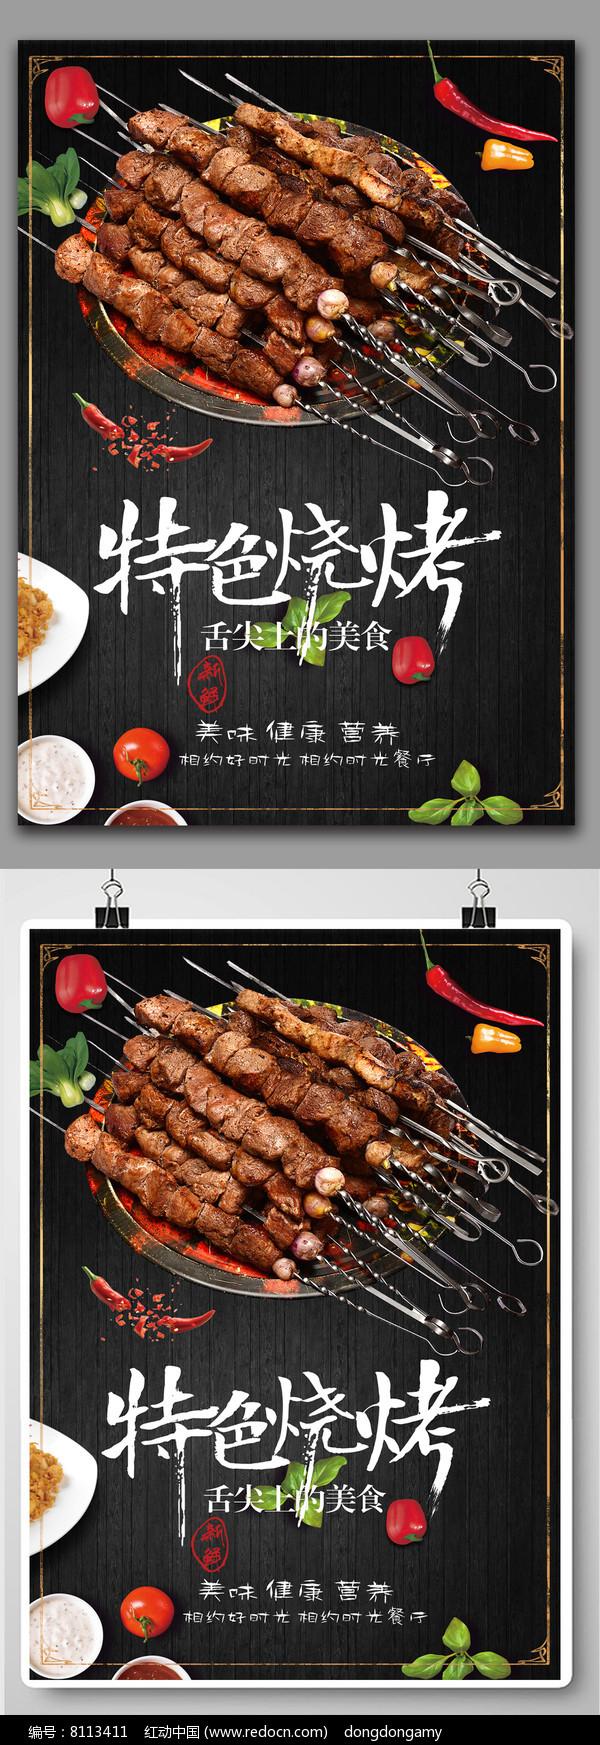 烧烤店美食海报设计图片